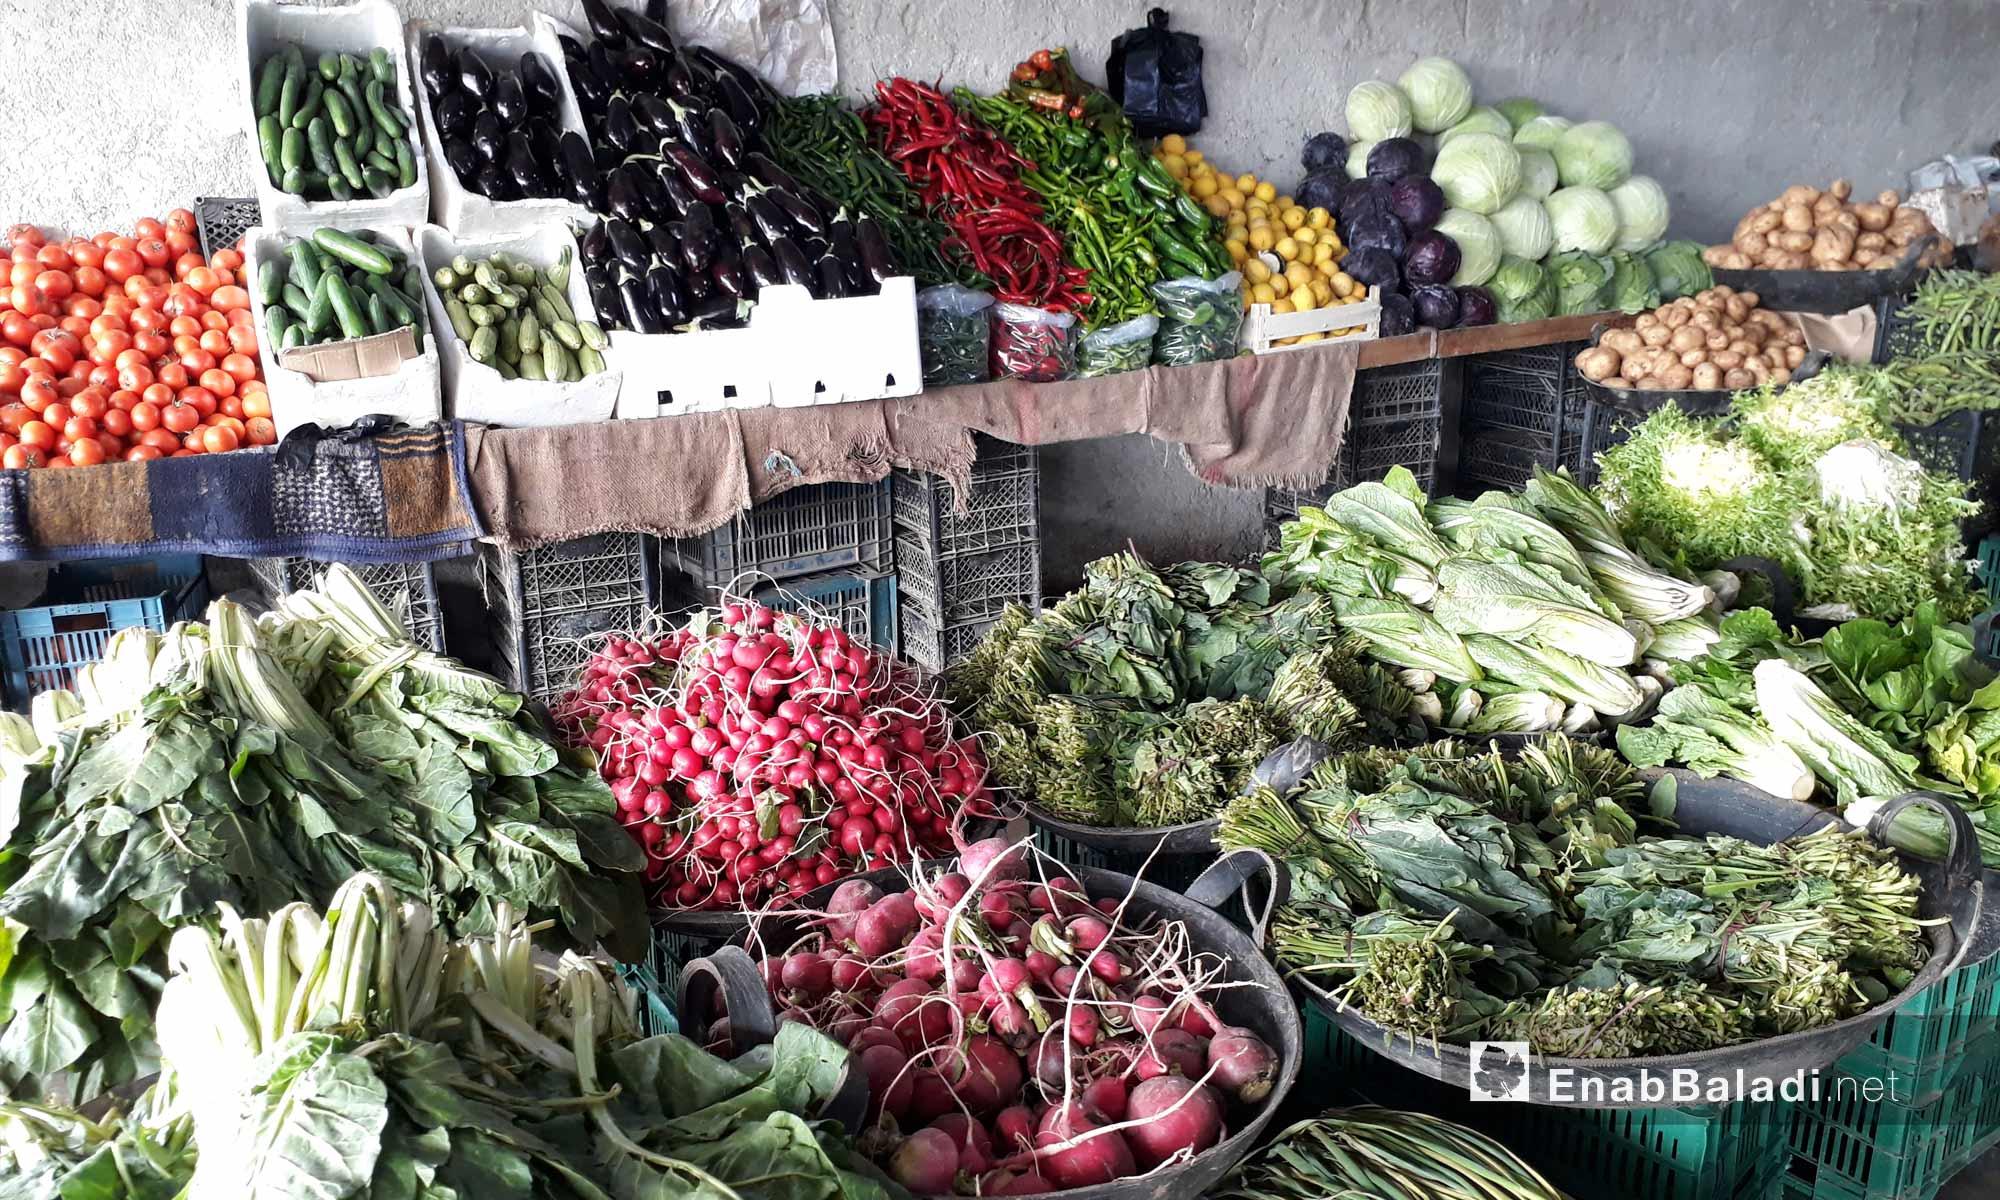 سوق الخضار في منطقو سجو بريف حلب الشمالي - 7 آذار 2018 (عنب بلدي)